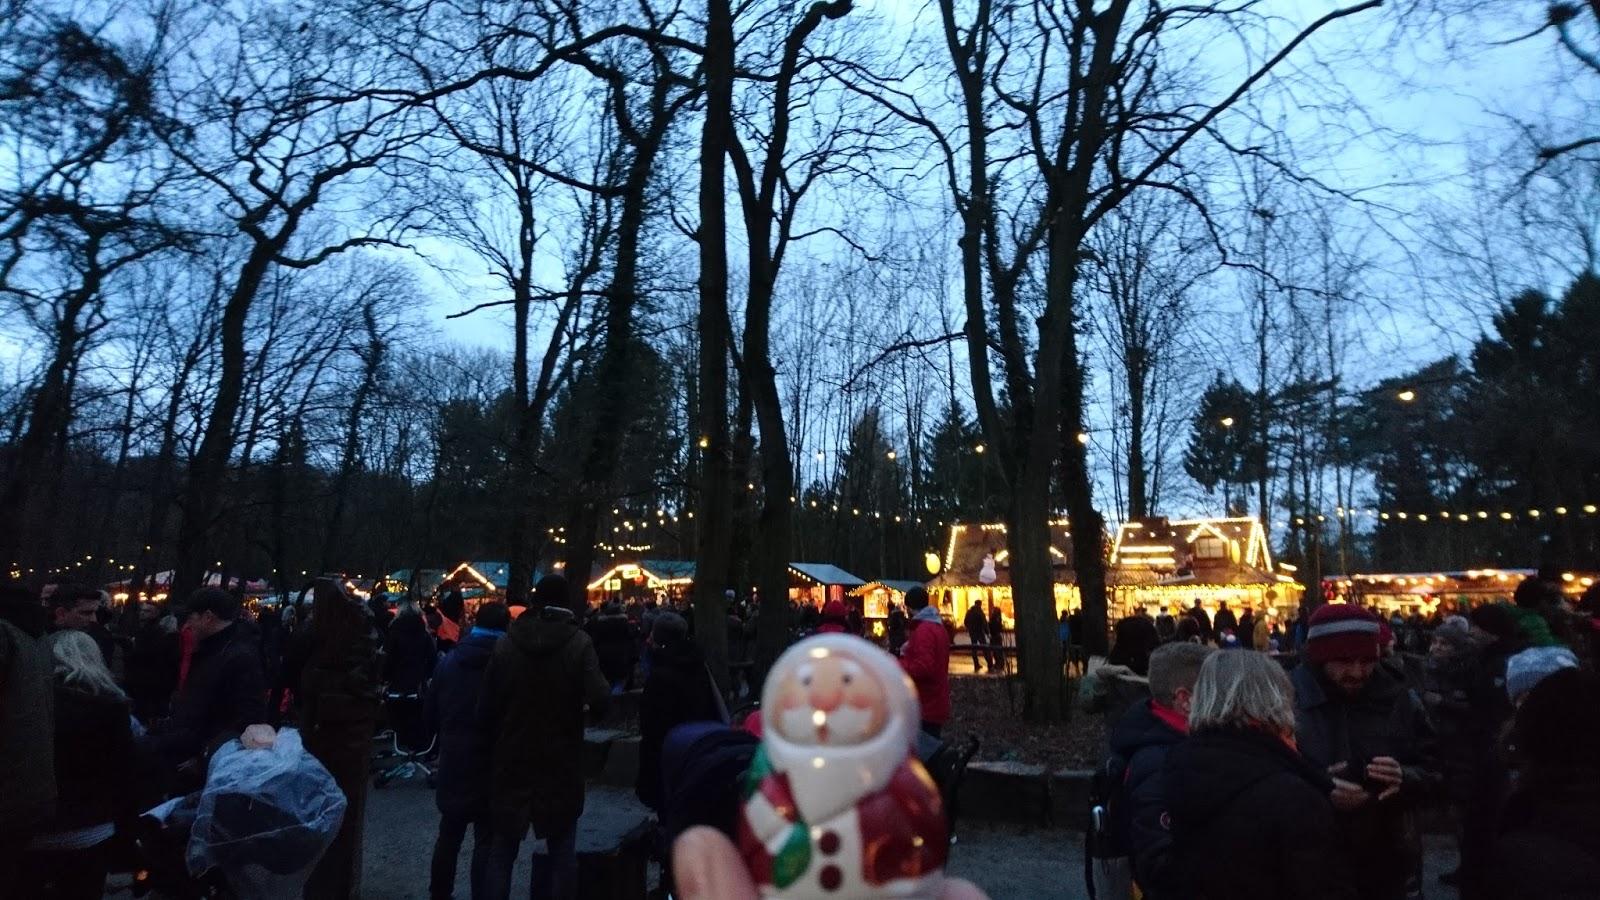 Weihnachtsmarkt Am Goetheturm.Niko Laus Blechblog Niko Erobert Sachsenhäuser Weihnachtsmarkt